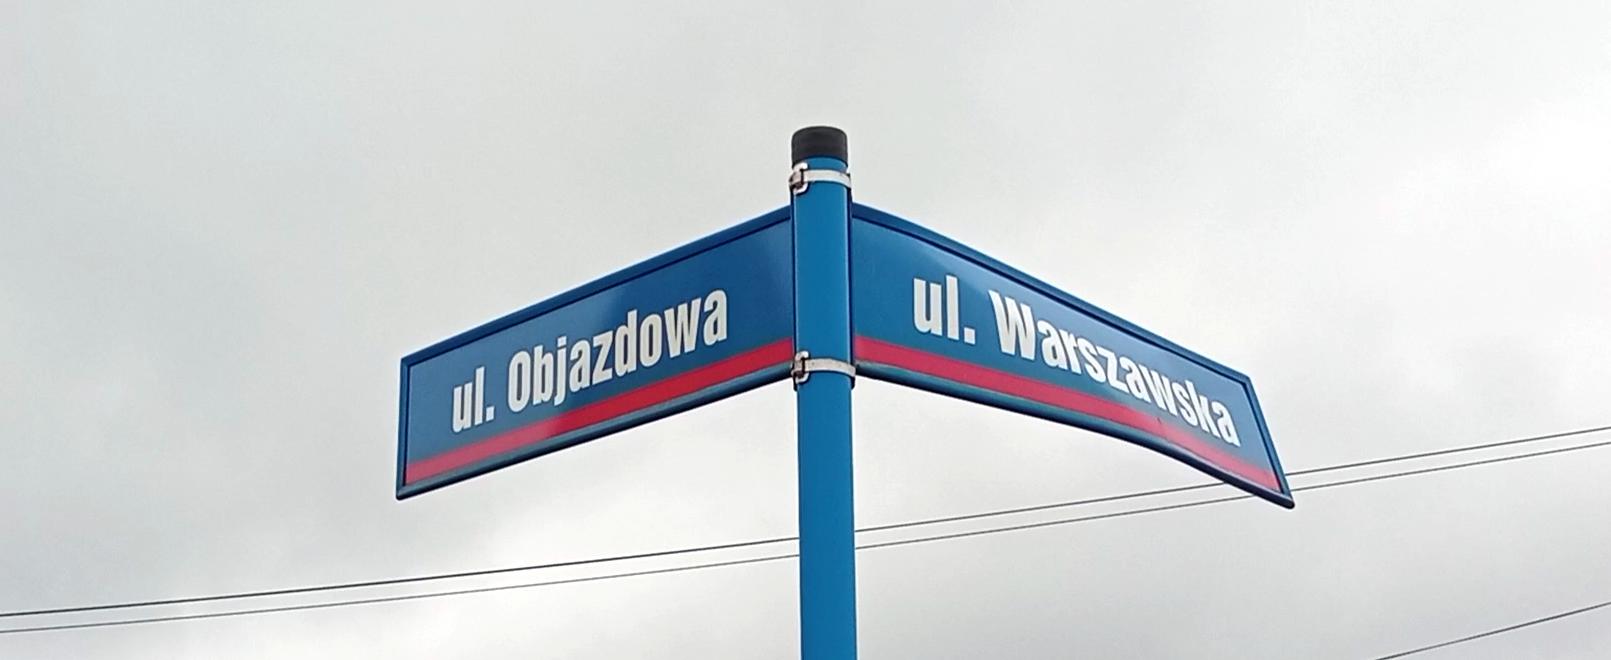 ŁUKÓW. 700 tys.  zł ma kosztować remont ul. Objazdowej (WIDEO) - Zdjęcie główne